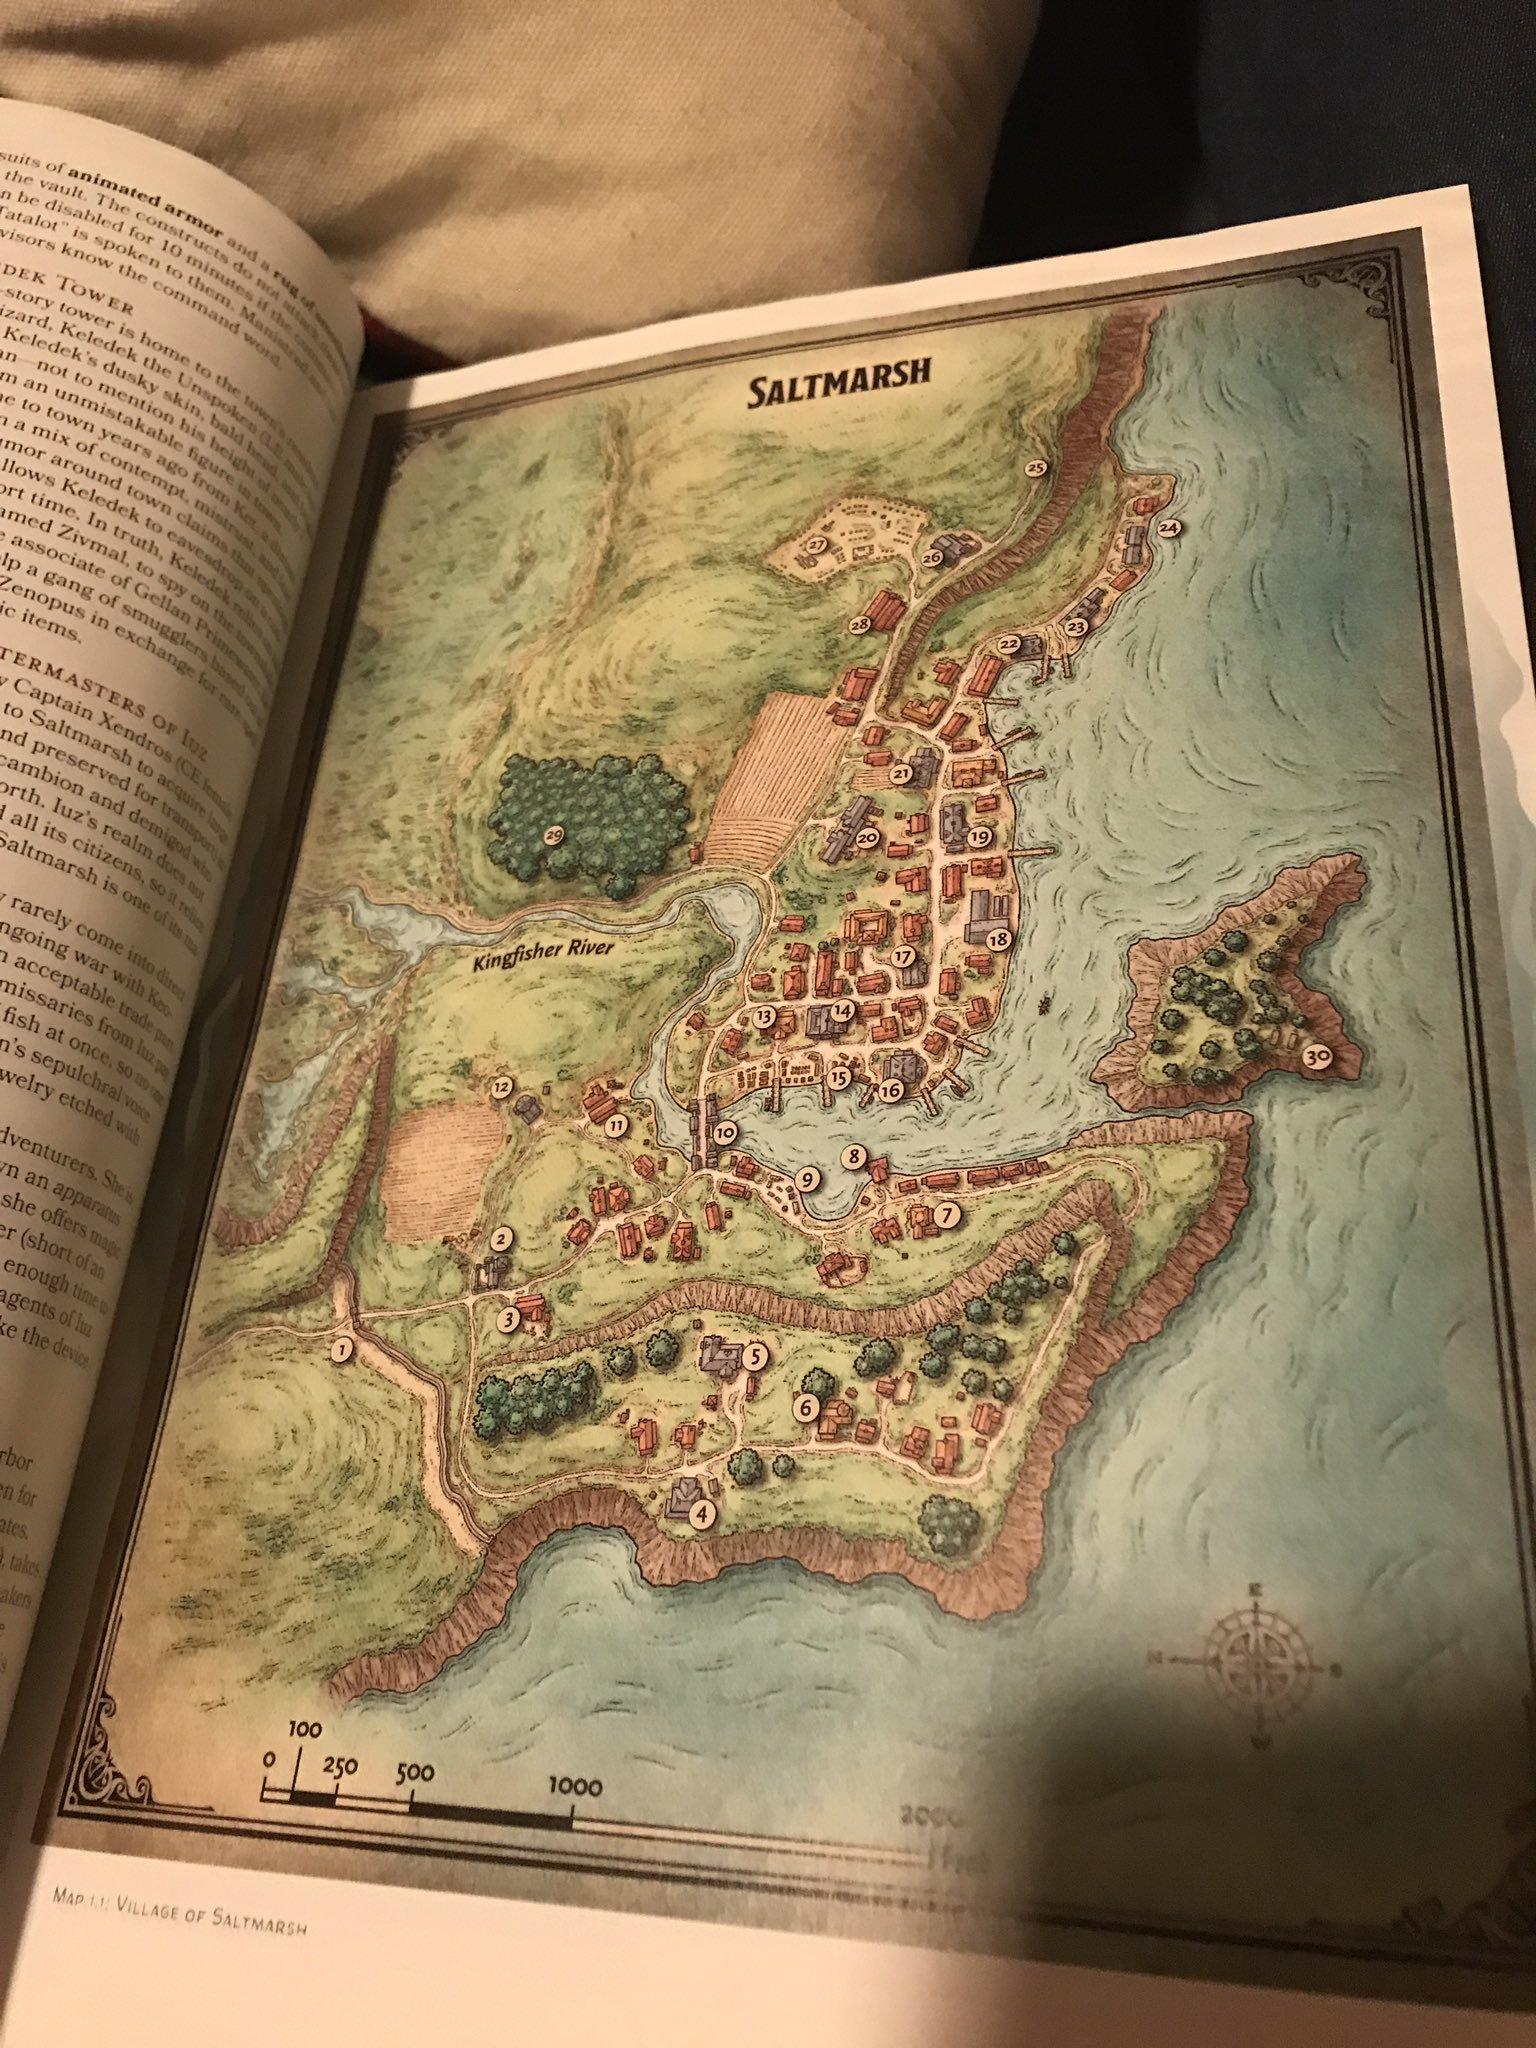 A Look Inside Ghosts of Saltmarsh: Contents, Saltmarsh Map, & More